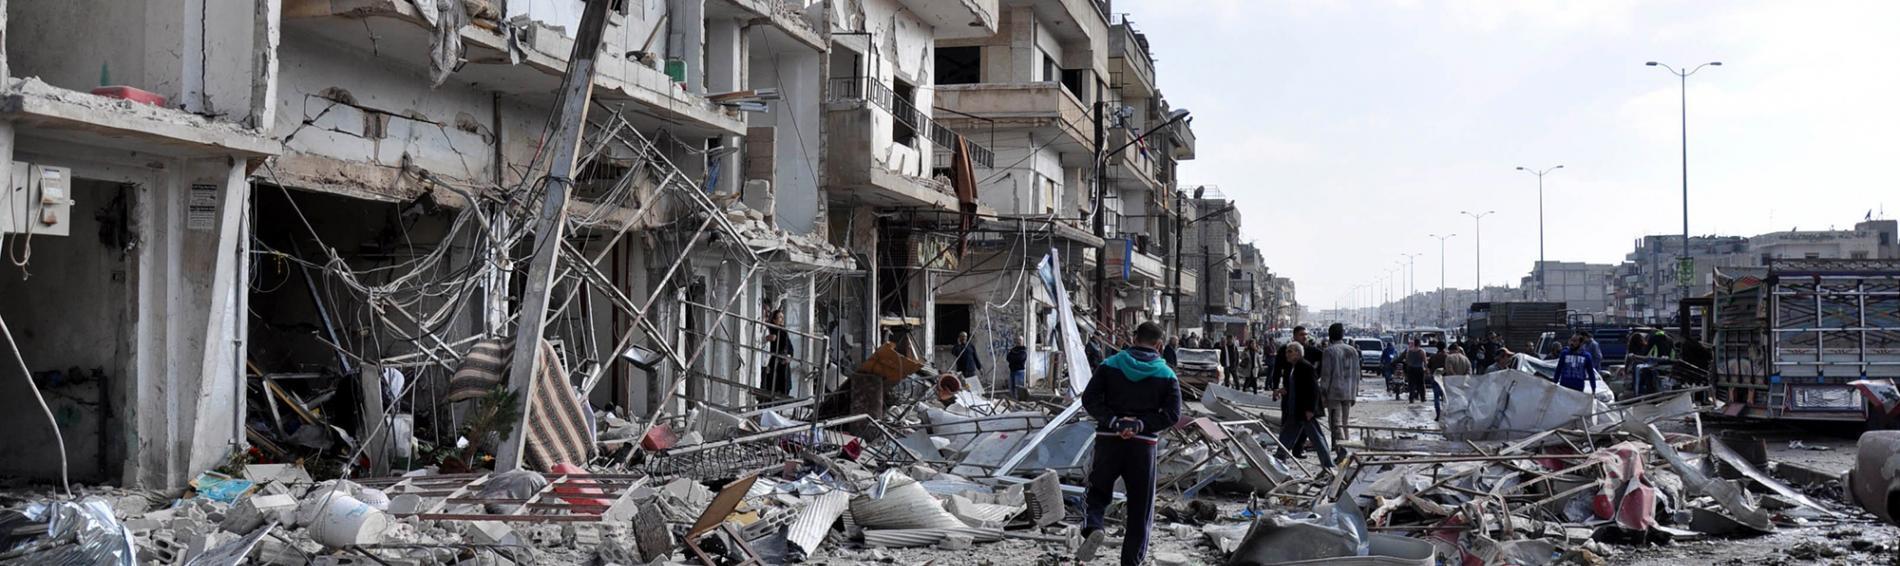 Durch Bomben zerstörte Häuser in Syrien